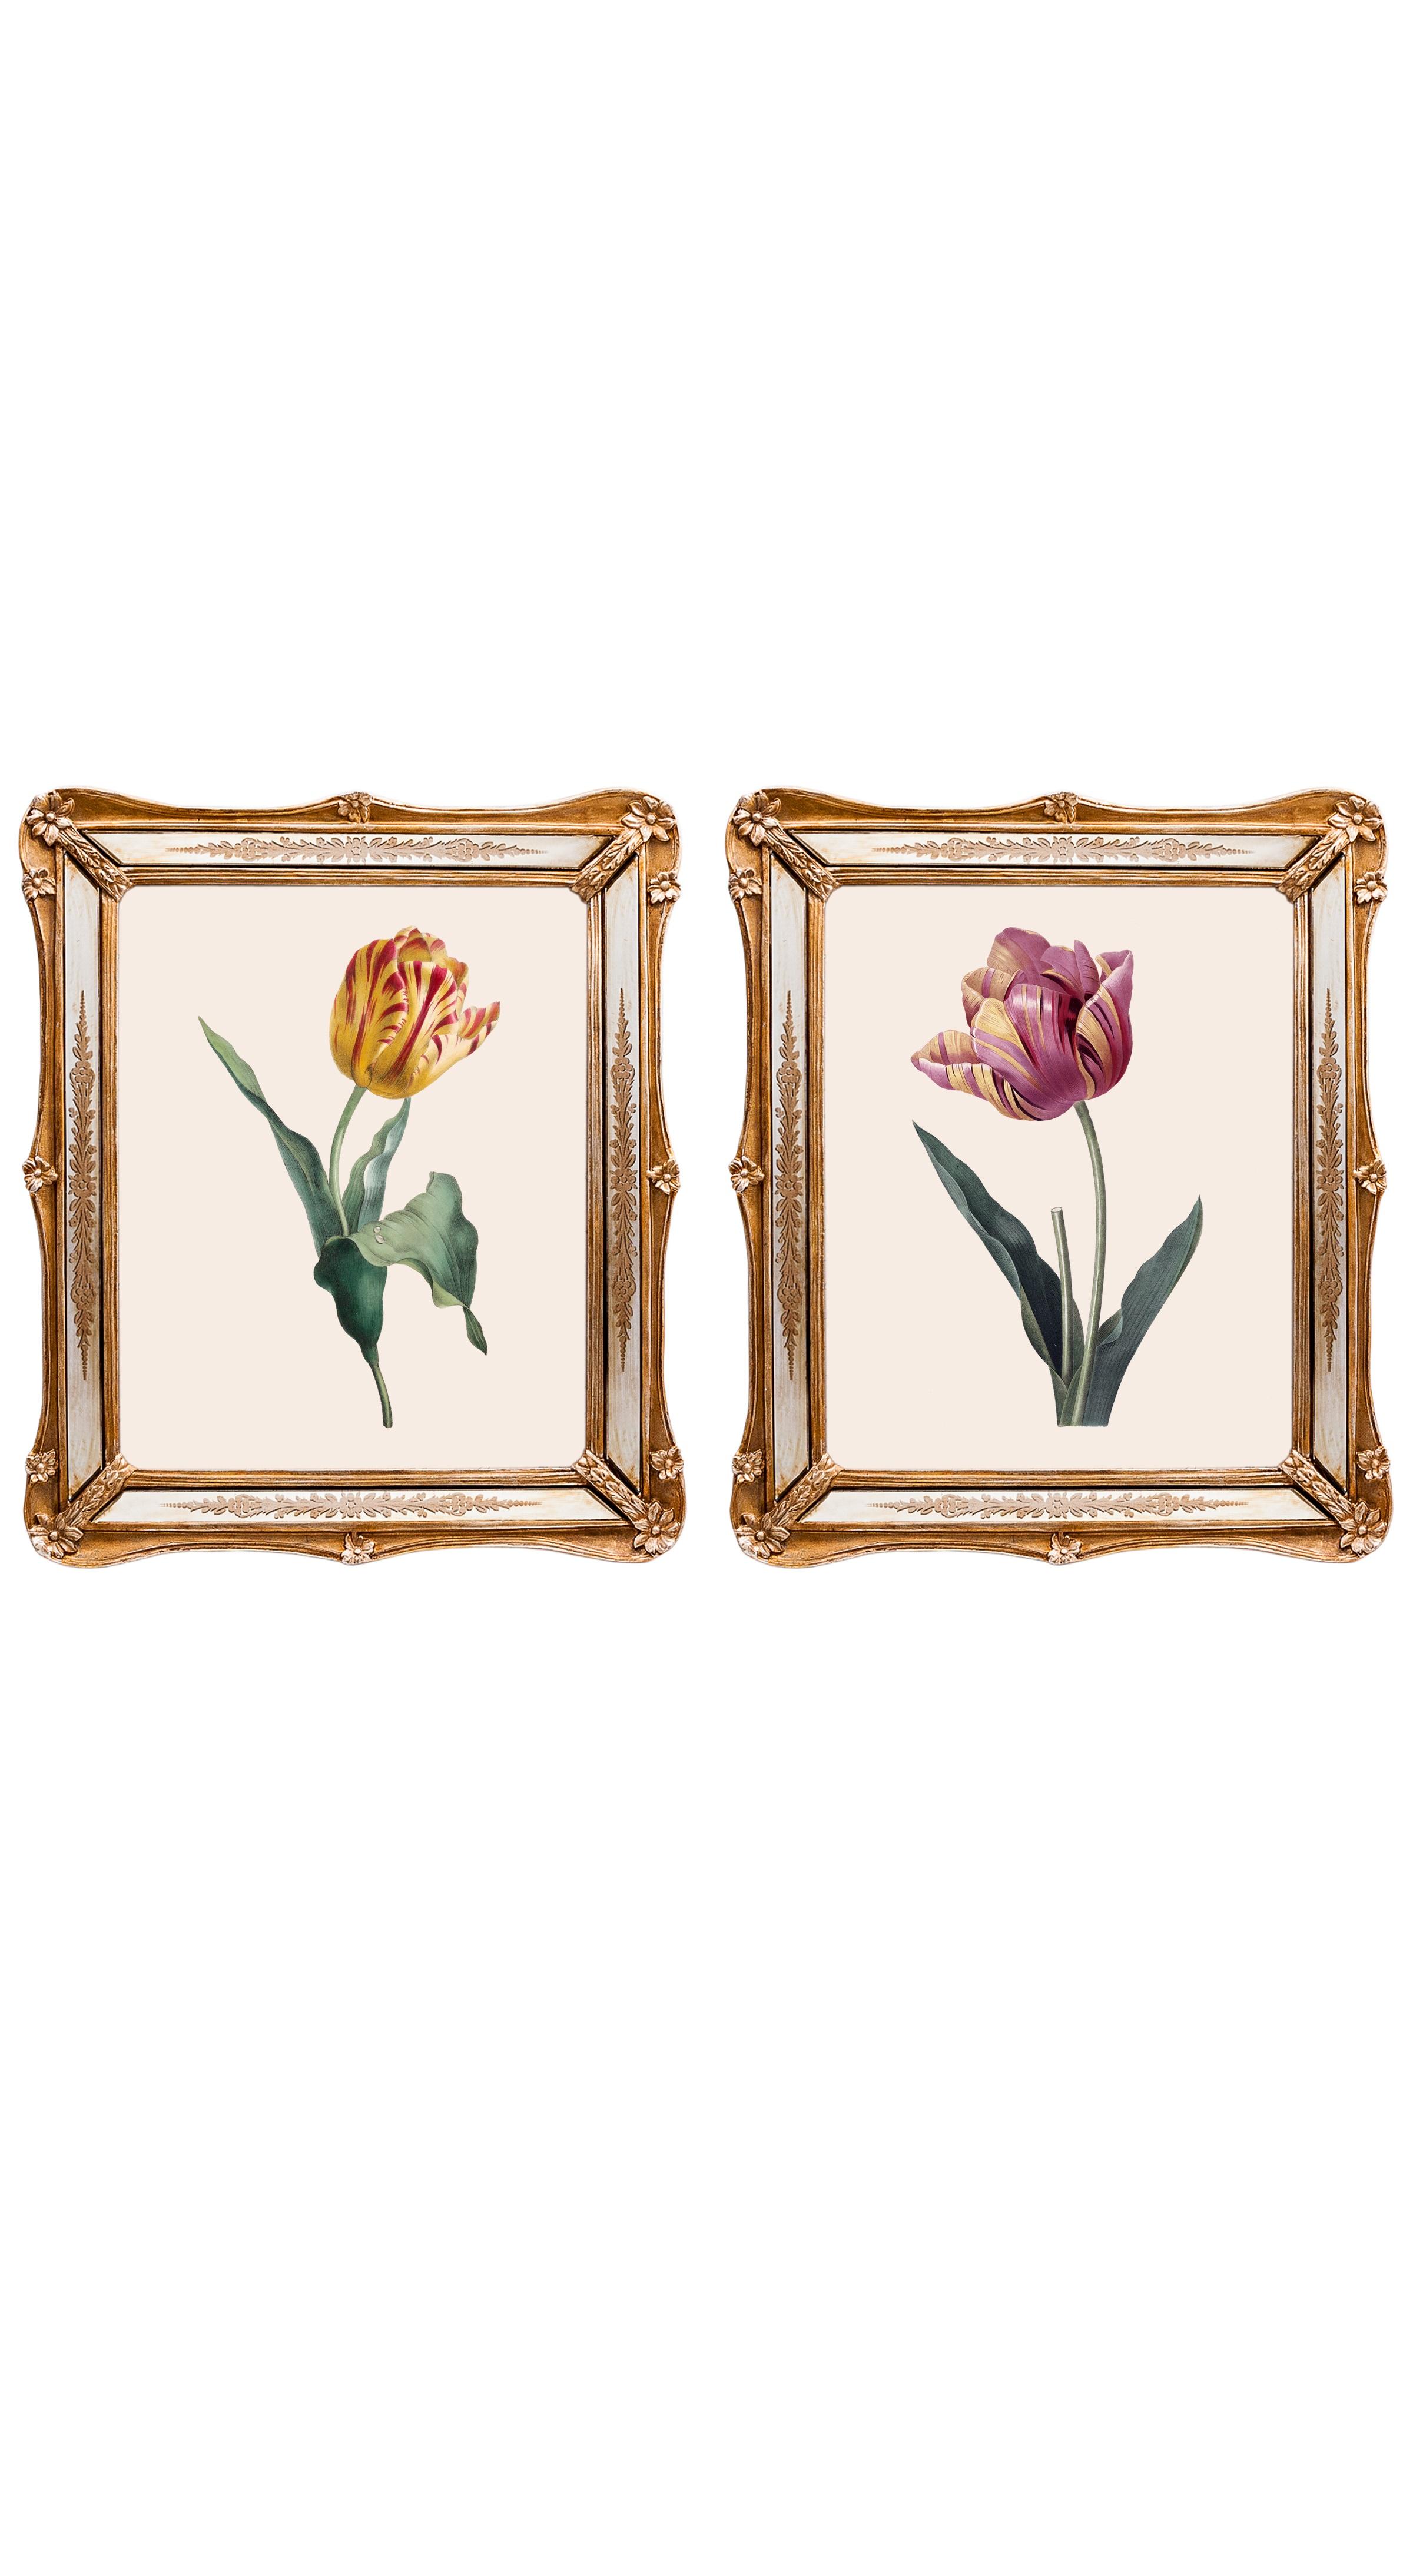 Набор из двух репродукций СофиКартины<br>&amp;lt;div&amp;gt;Французский художник Пьер-Жозеф Редуте был «рисовальщиком при трех королевах». Ему покровительствовали Мария-Антуанетта, Жозефина де Богарне и Мария-Луиза Австрийская. Репродукции его акварелей дополнят романтический образ Вашего интерьера. Обрамленные в великолепные и необычные рамы с зеркальными вставками, они станут подлинной драгоценностью Вашей комнаты! Картины можно повесить на стену, а можно поставить, например, на стол или камин. Защитный стеклянный слой сохранит изображение от воздействий окружающей среды. Если Вам захочется обновить интерьер, Вы можете с легкостью заменить изображение картины!&amp;lt;/div&amp;gt;&amp;lt;div&amp;gt;&amp;lt;br&amp;gt;&amp;lt;/div&amp;gt;&amp;lt;div&amp;gt;Изображение - дизайнерская бумага; рама - искуственный камень, зеркальные вставки; защитный слой - стекло&amp;amp;nbsp;&amp;lt;/div&amp;gt;&amp;lt;div&amp;gt;цвет:мультиколор&amp;amp;nbsp;&amp;lt;/div&amp;gt;<br><br>Material: Бумага<br>Ширина см: 26<br>Высота см: 30<br>Глубина см: 2